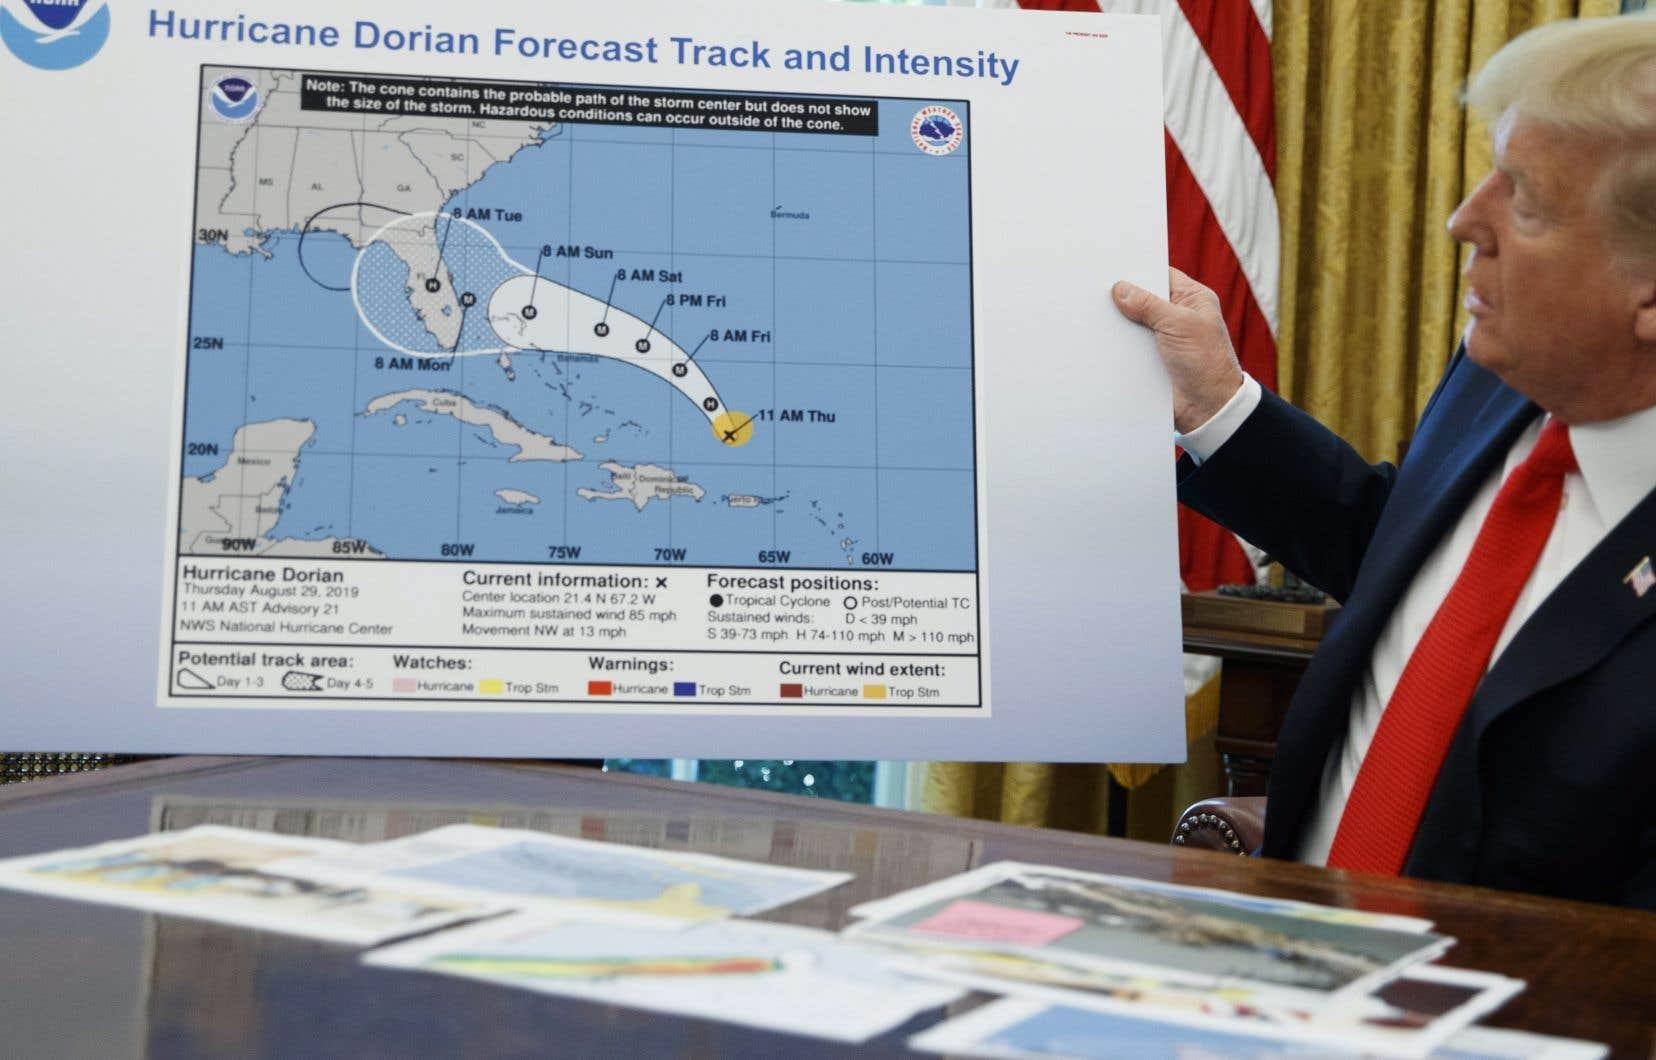 Le président américain, Donald Trump, est allé jusqu'à présenter dans le Bureau ovale une carte où, d'un coup de feutre noir, l'Alabama se retrouvait inclus dans le prolongement de la trajectoire possible de l'ouragan, dans une «prévision» au-delà de 5 jours.